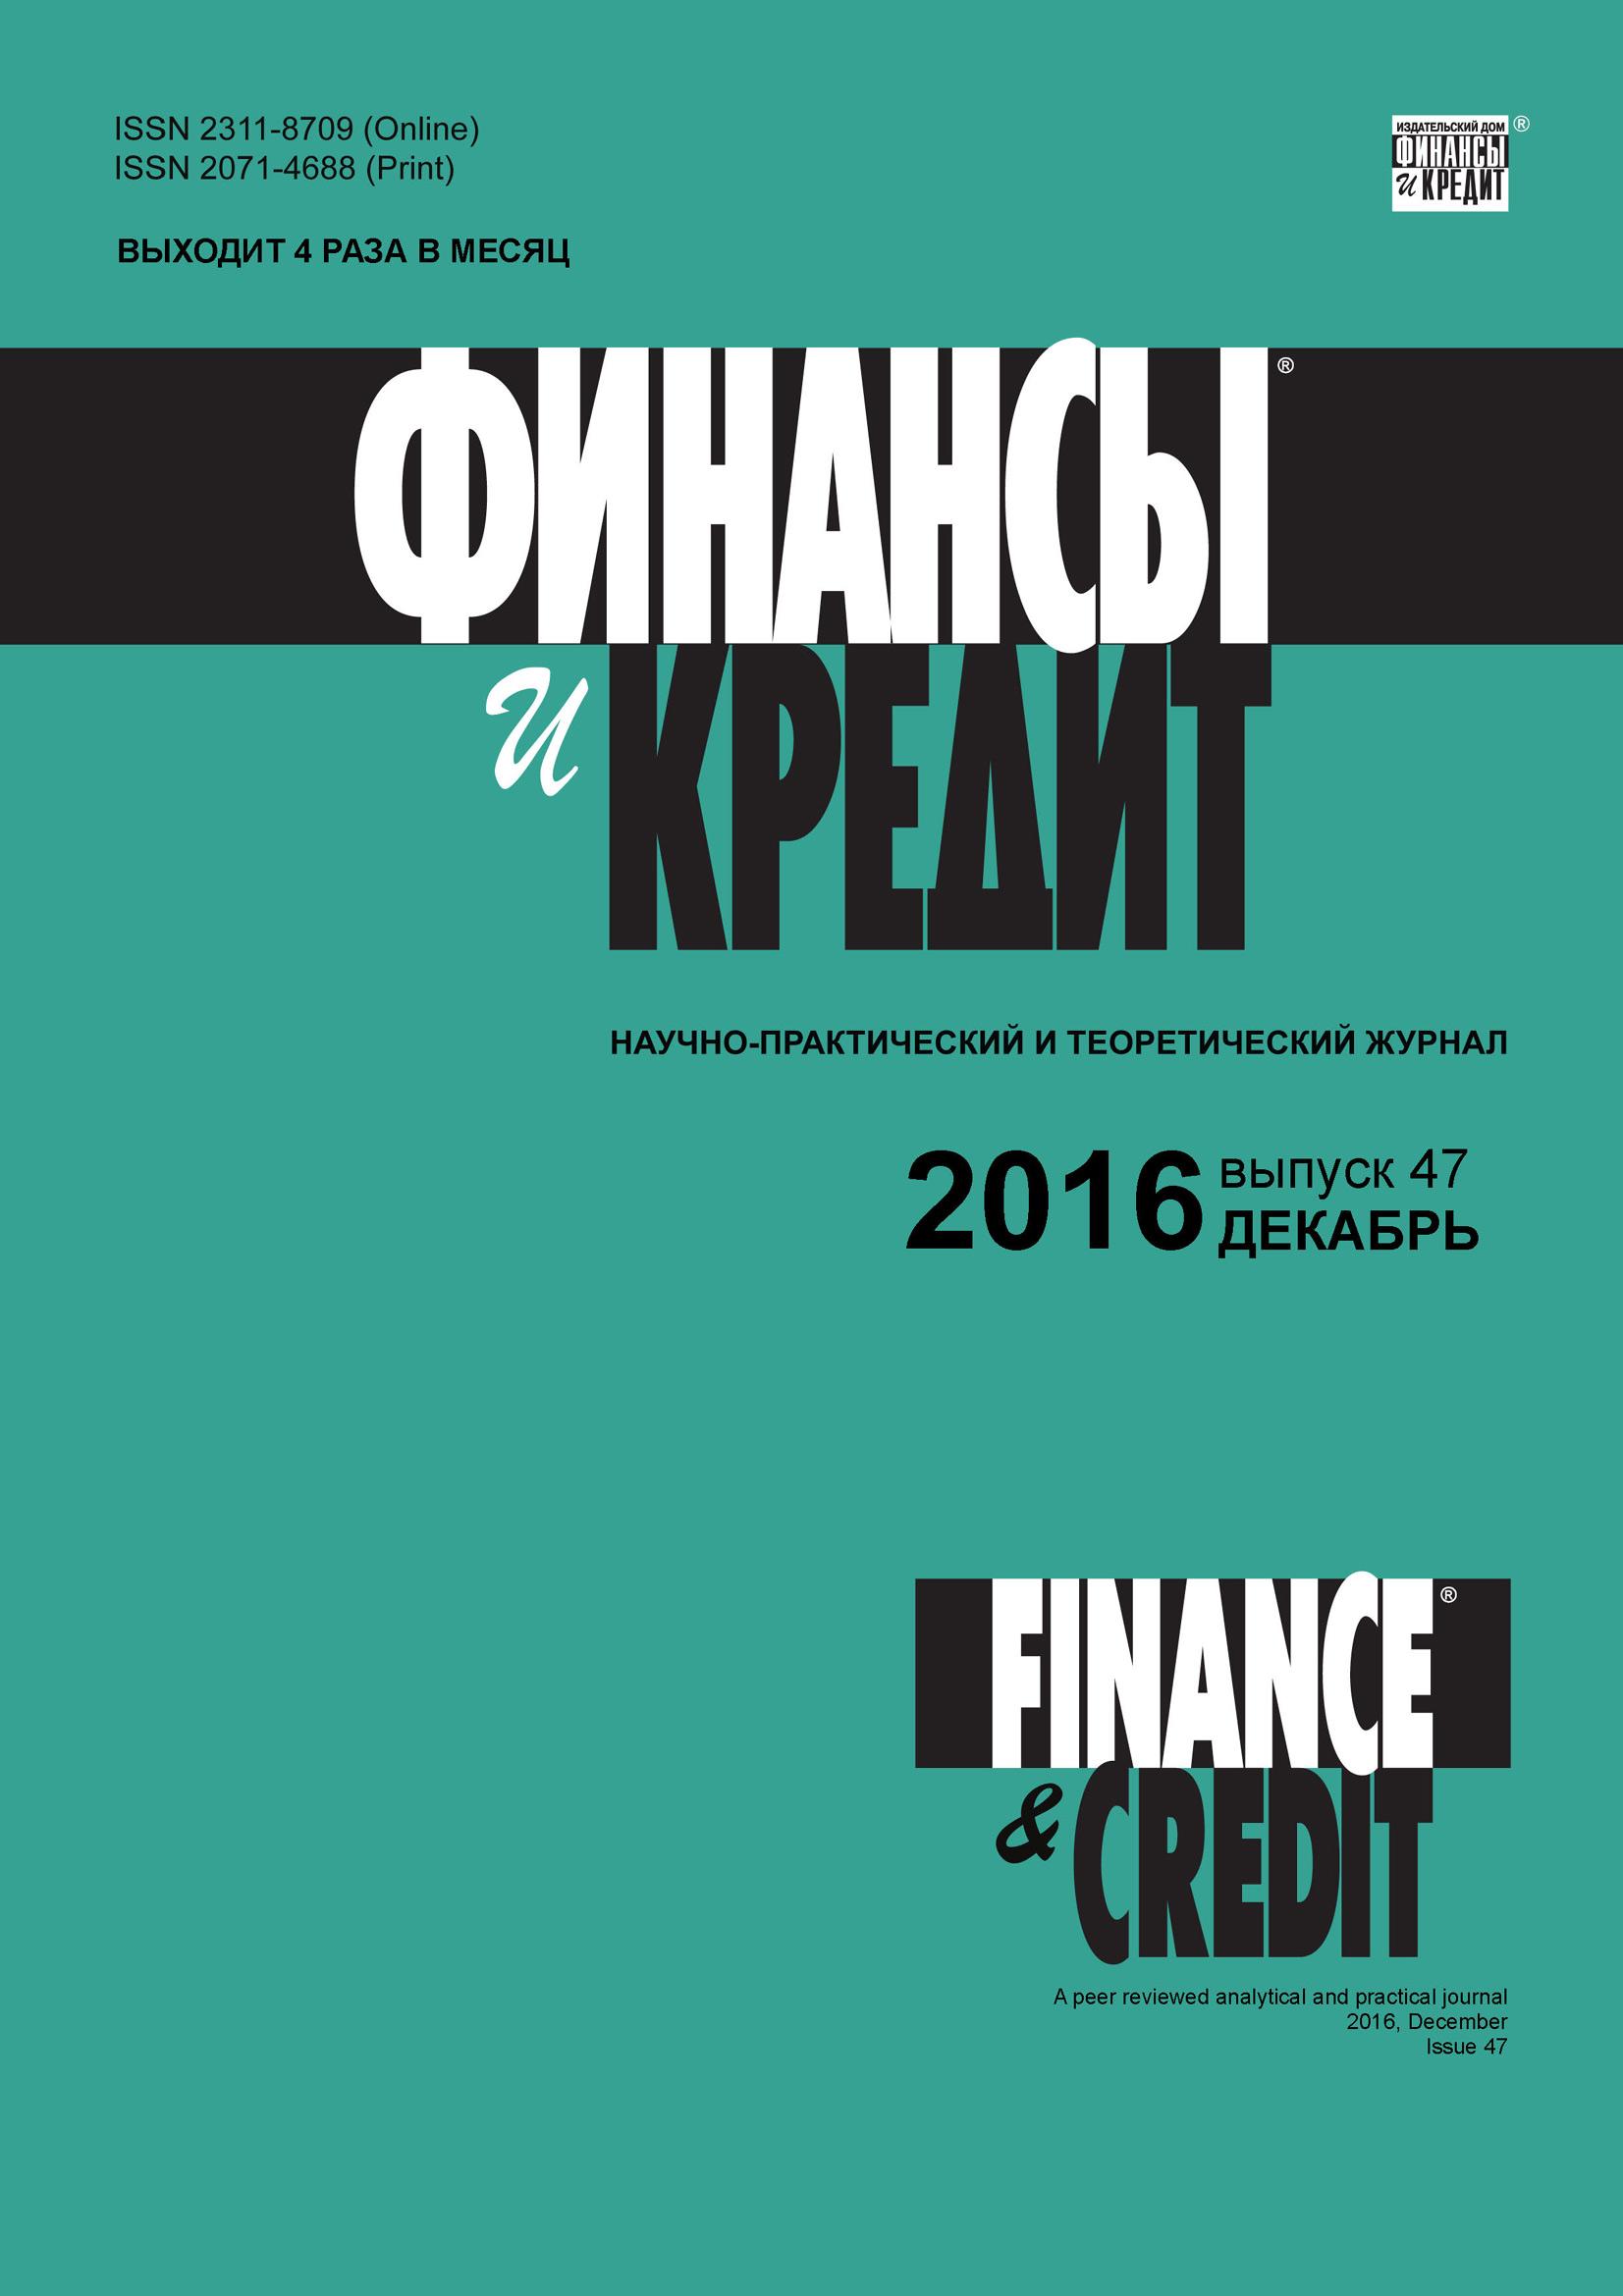 Финансы и Кредит № 47 (719) 2016